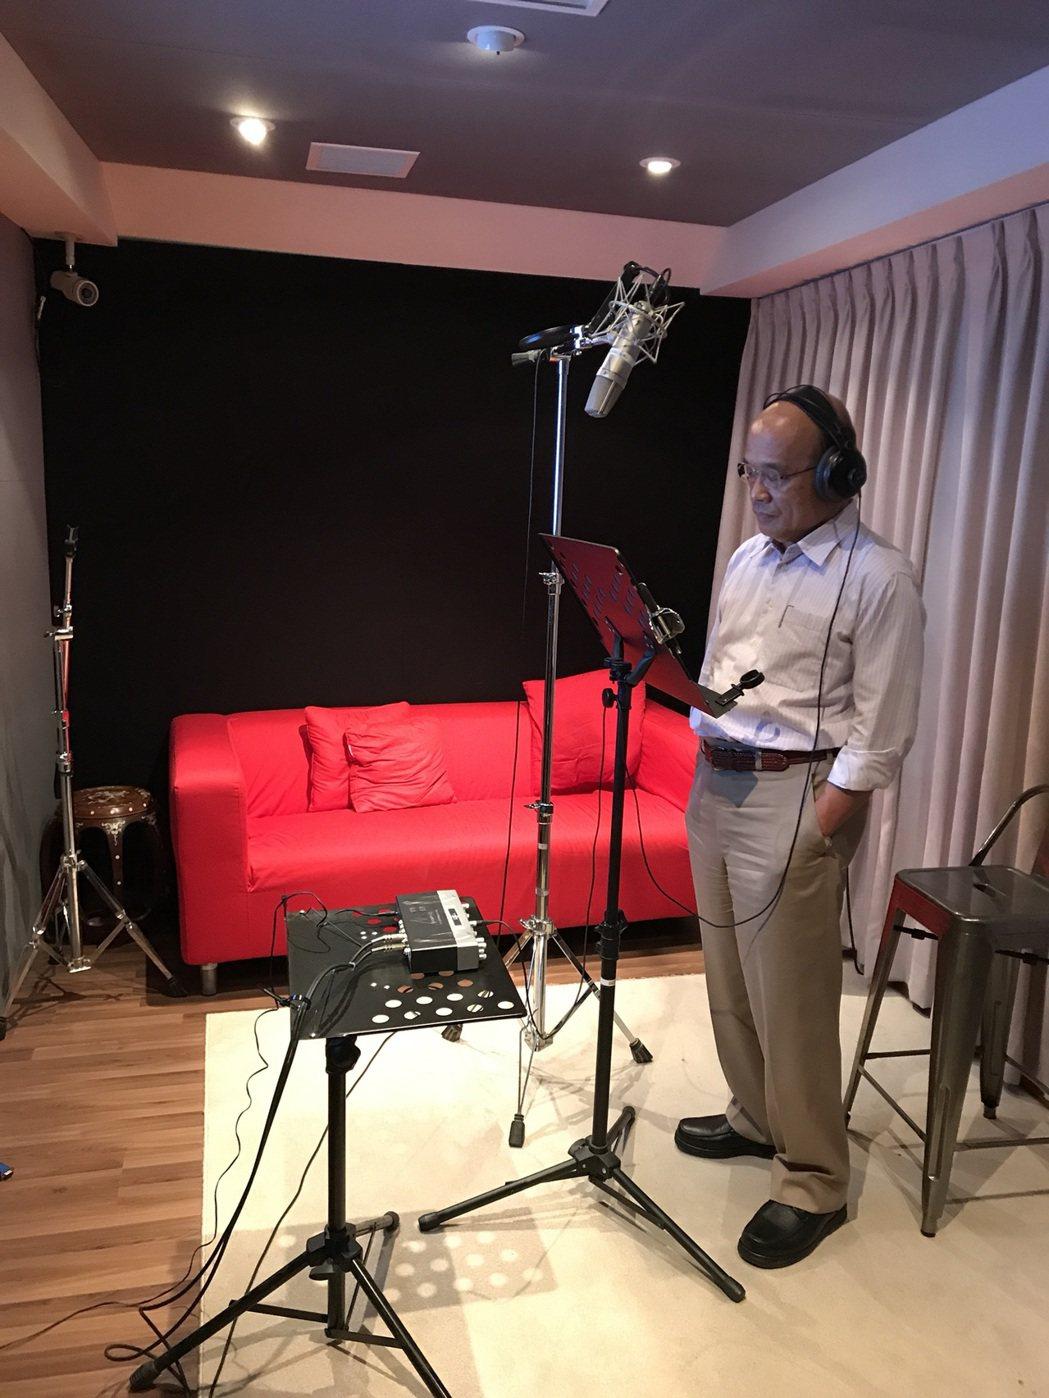 蘇貞昌為新片「衝組」預告配音。圖/鏡象電影提供